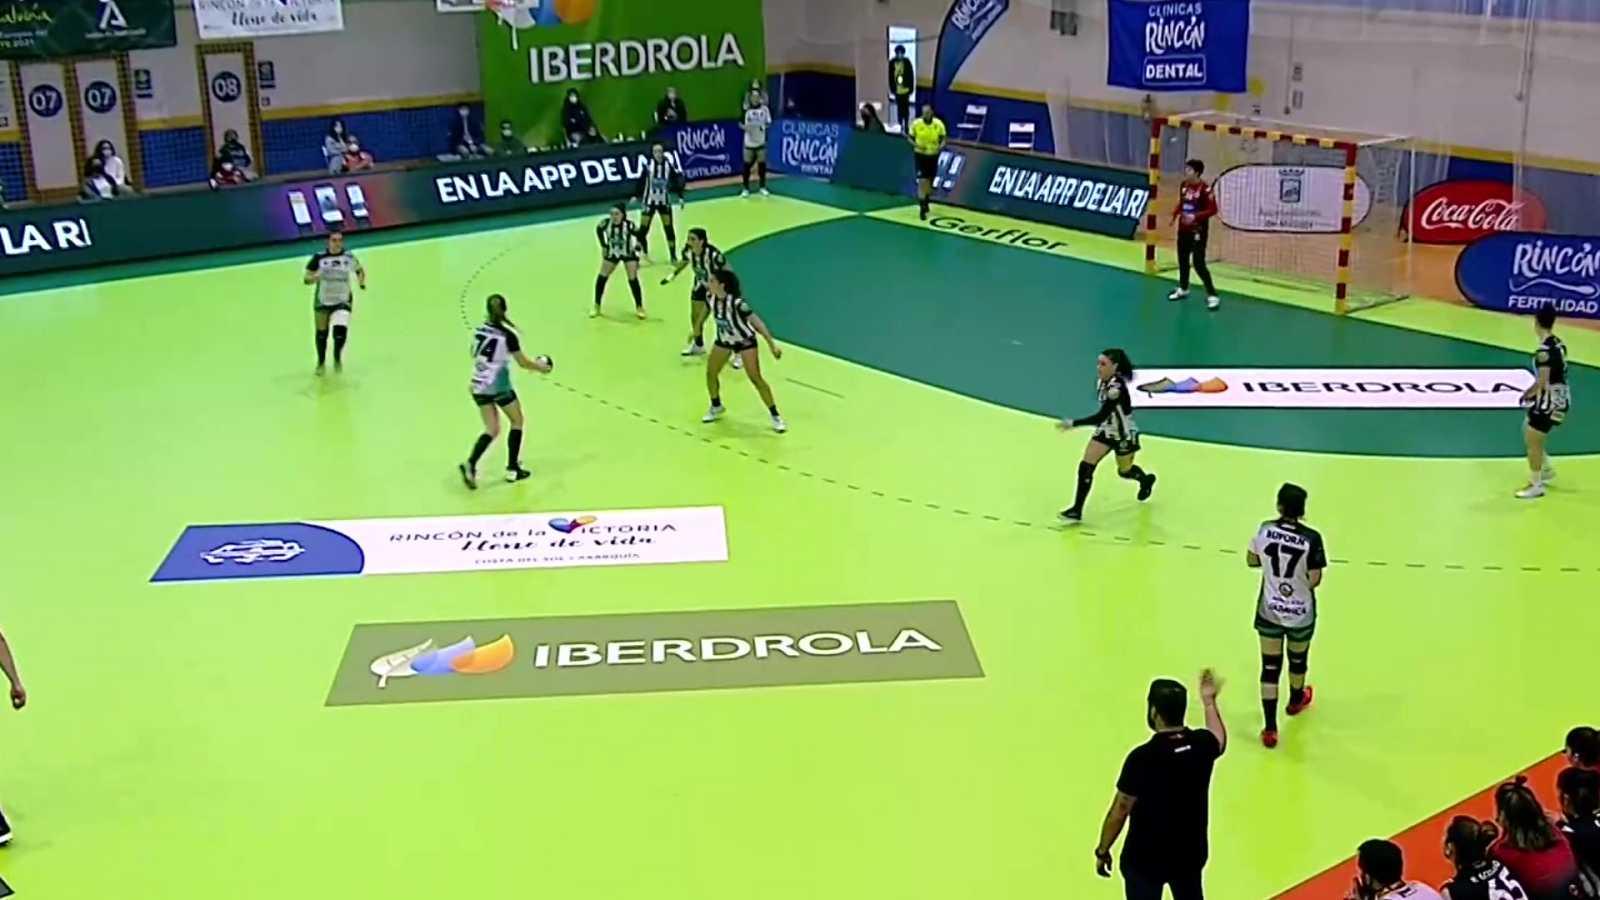 Balonmano - Liga Guerreras Iberdrola. 14ª jornada: Rincón Fertilidad Málaga - Atlético Guardés - ver ahora